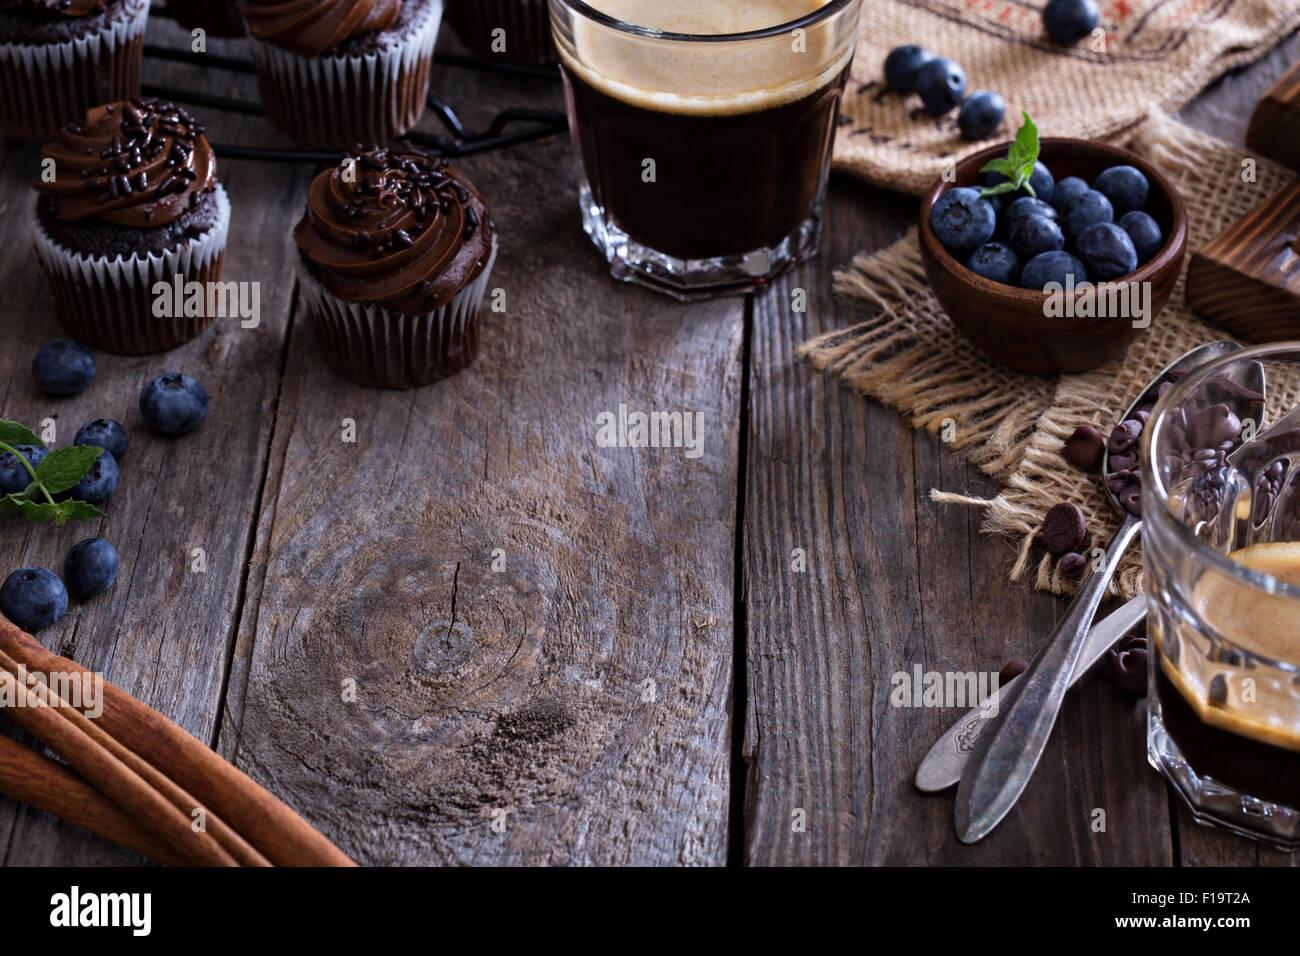 Café et petits gâteaux au chocolat sur la table en bois copy space Photo Stock